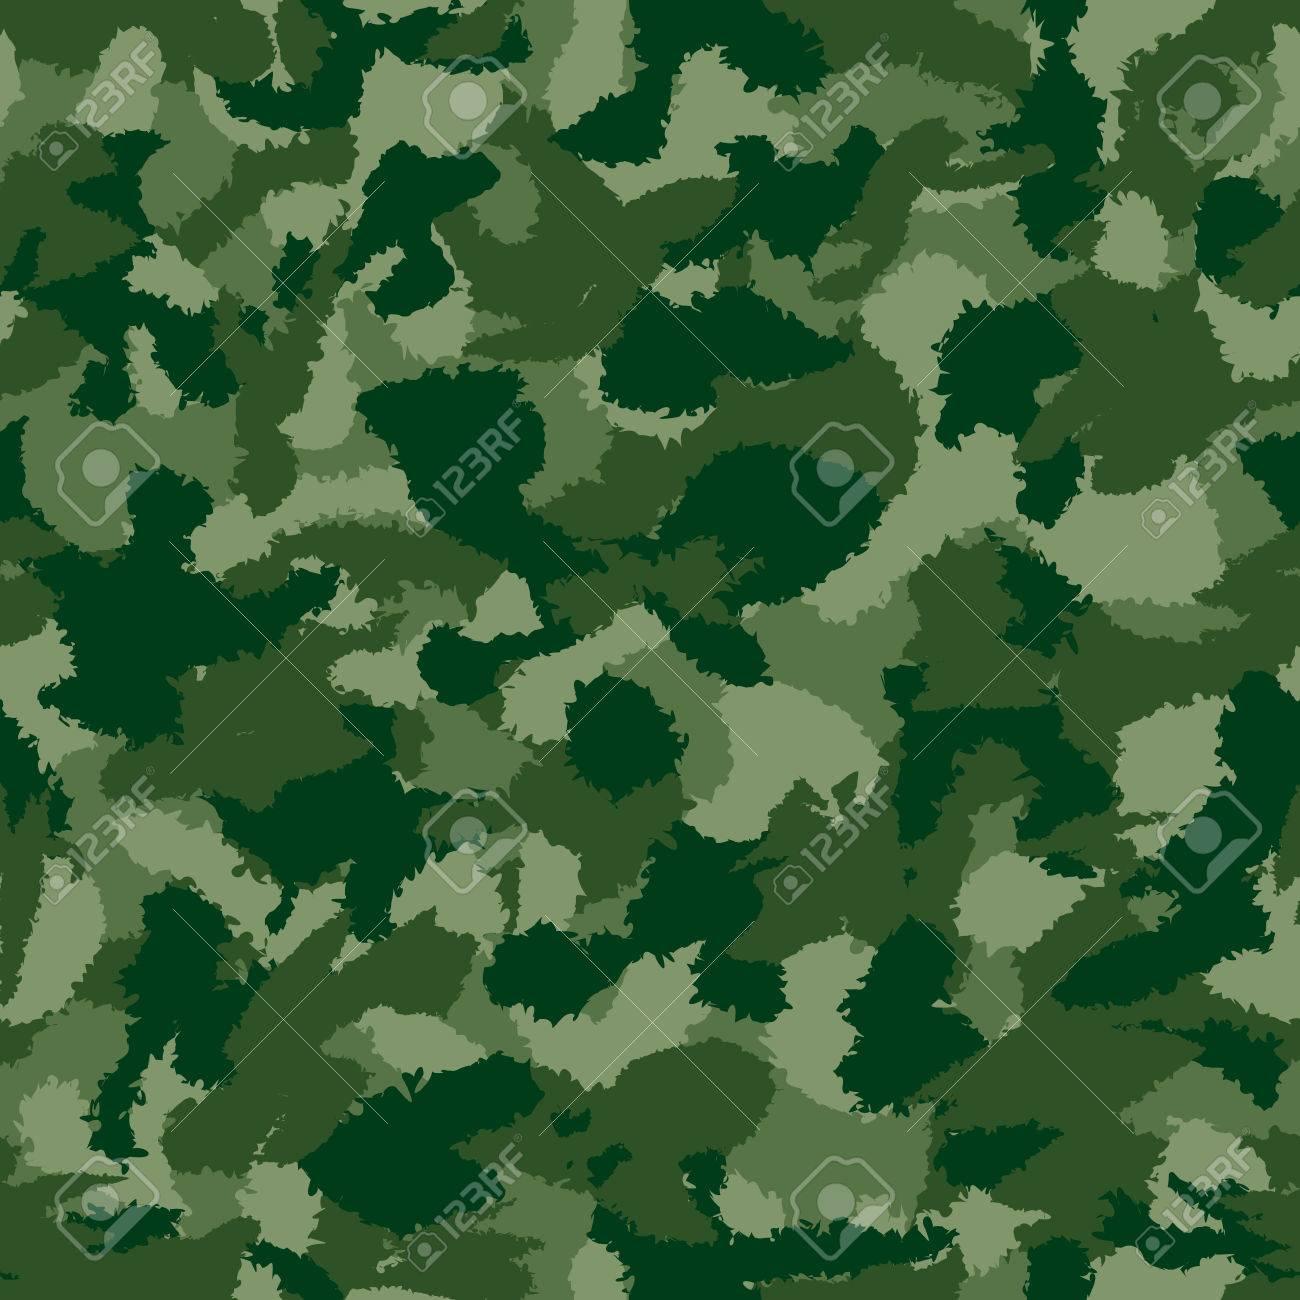 Carta Da Parati Mimetica.Vettoriale Guerra Foresta Verde Mimetico Seamless Vettore Puo